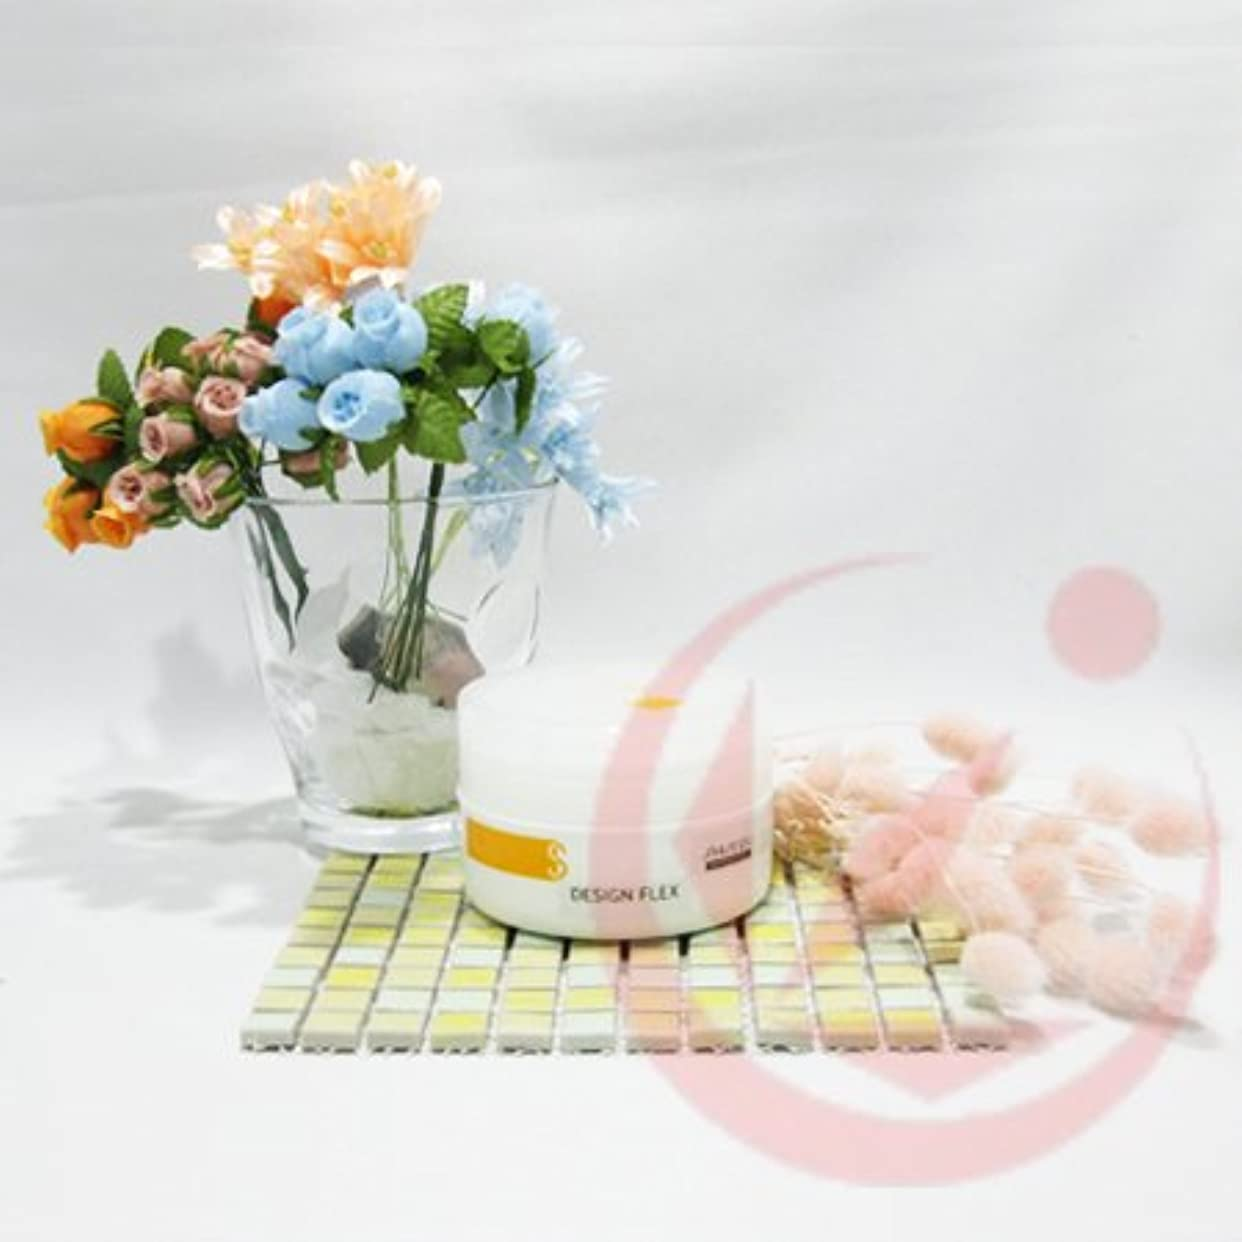 フルーティーイライラする長方形資生堂 デザインフレックス エアテイスト ワックス(ソフト) 90g